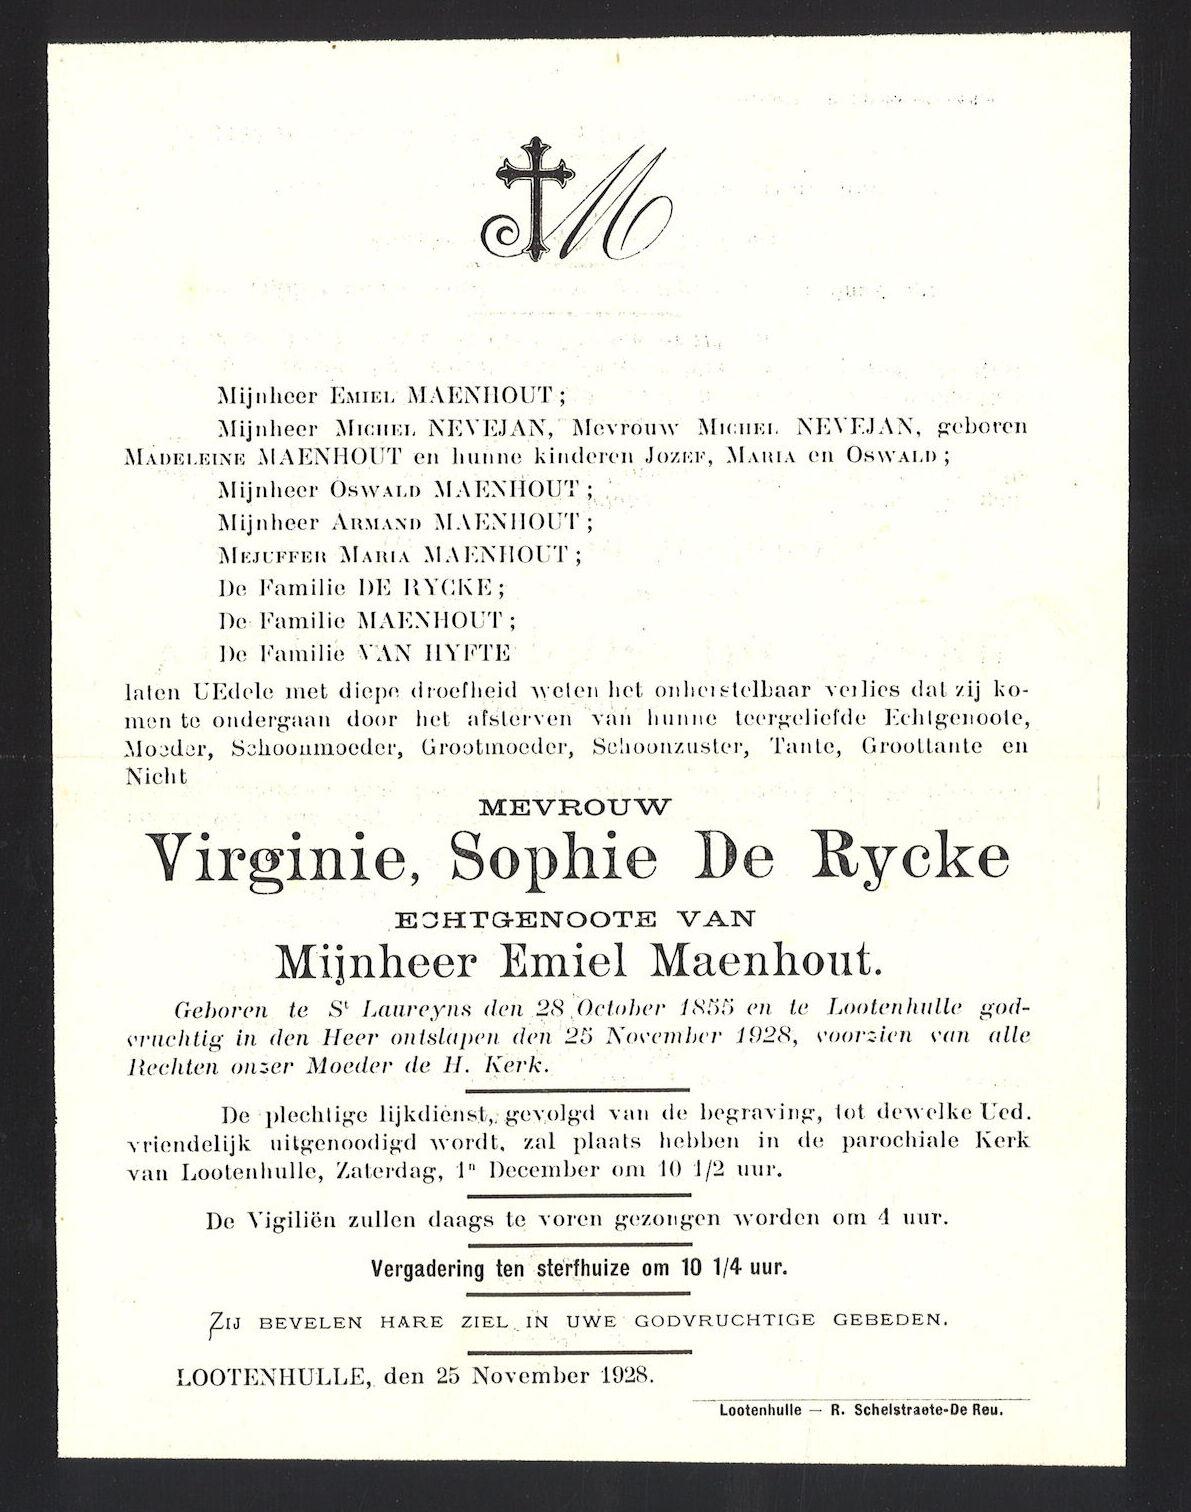 Virginie Sophie De Rycke